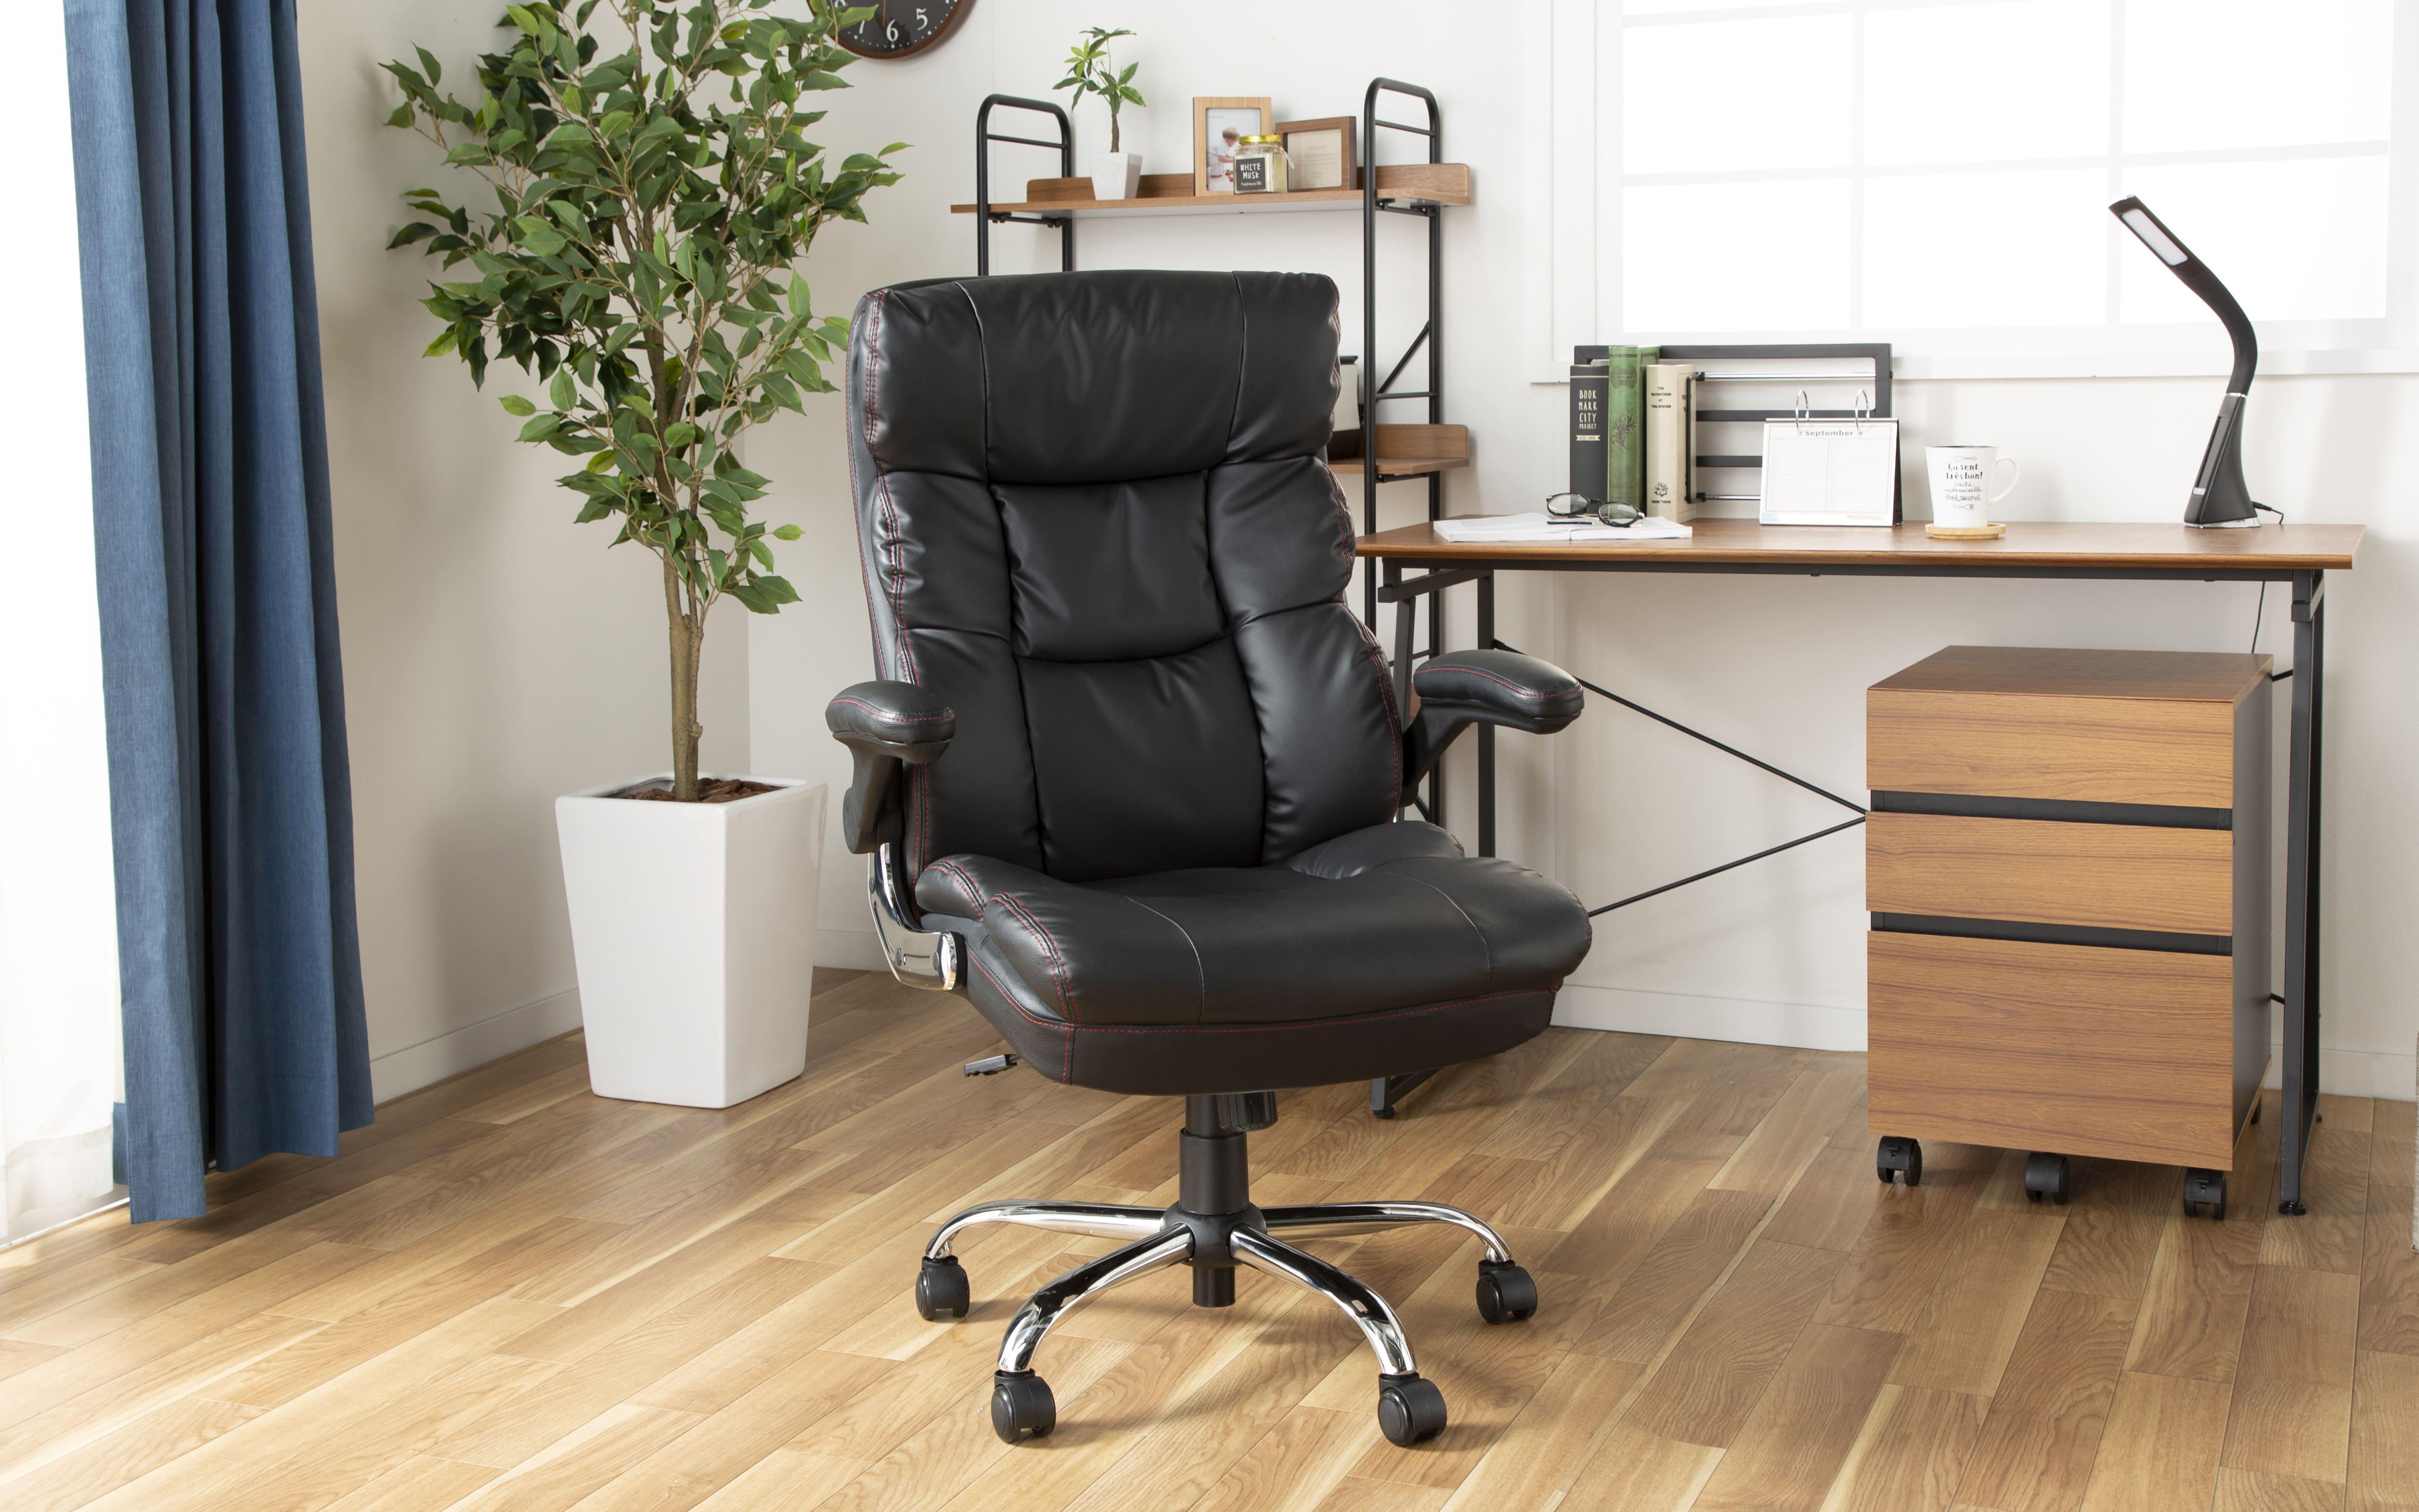 ゆったり座れるマネージャーチェア ブラウン BMC−BR ブラウン:沈み込むボリューム感